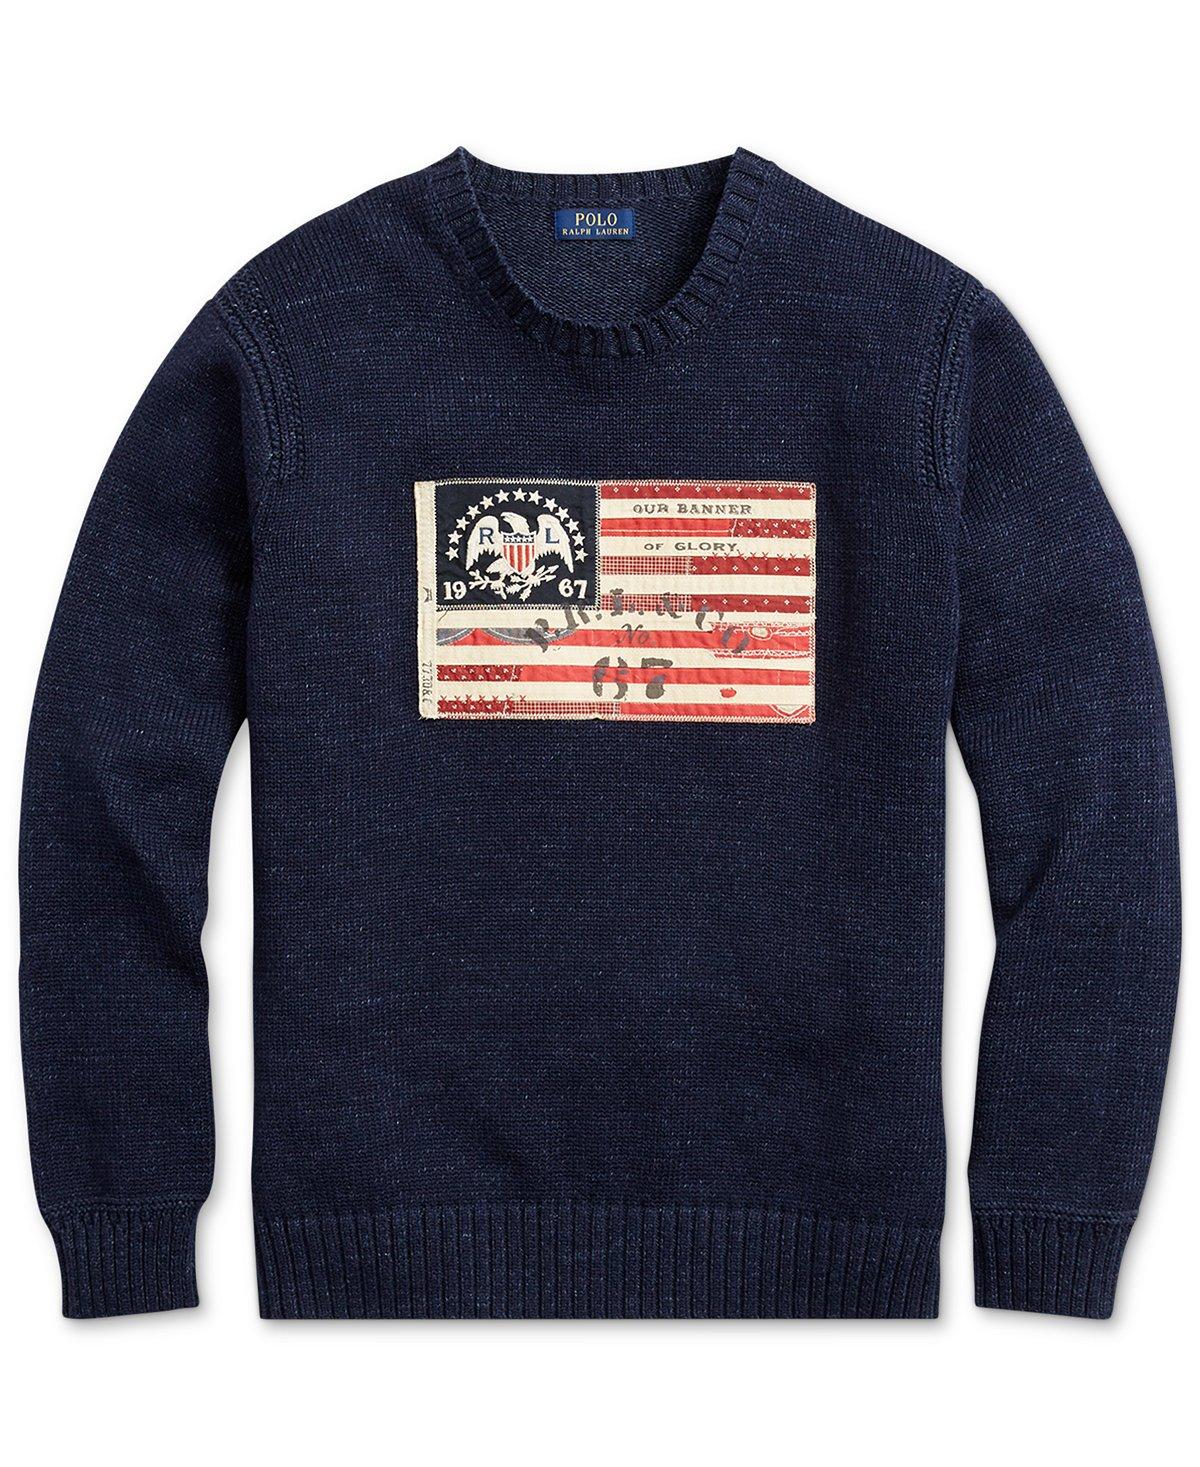 Polo Ralph Lauren Men's Flag-Patch Cotton Sweater, Summer Navy, Medium